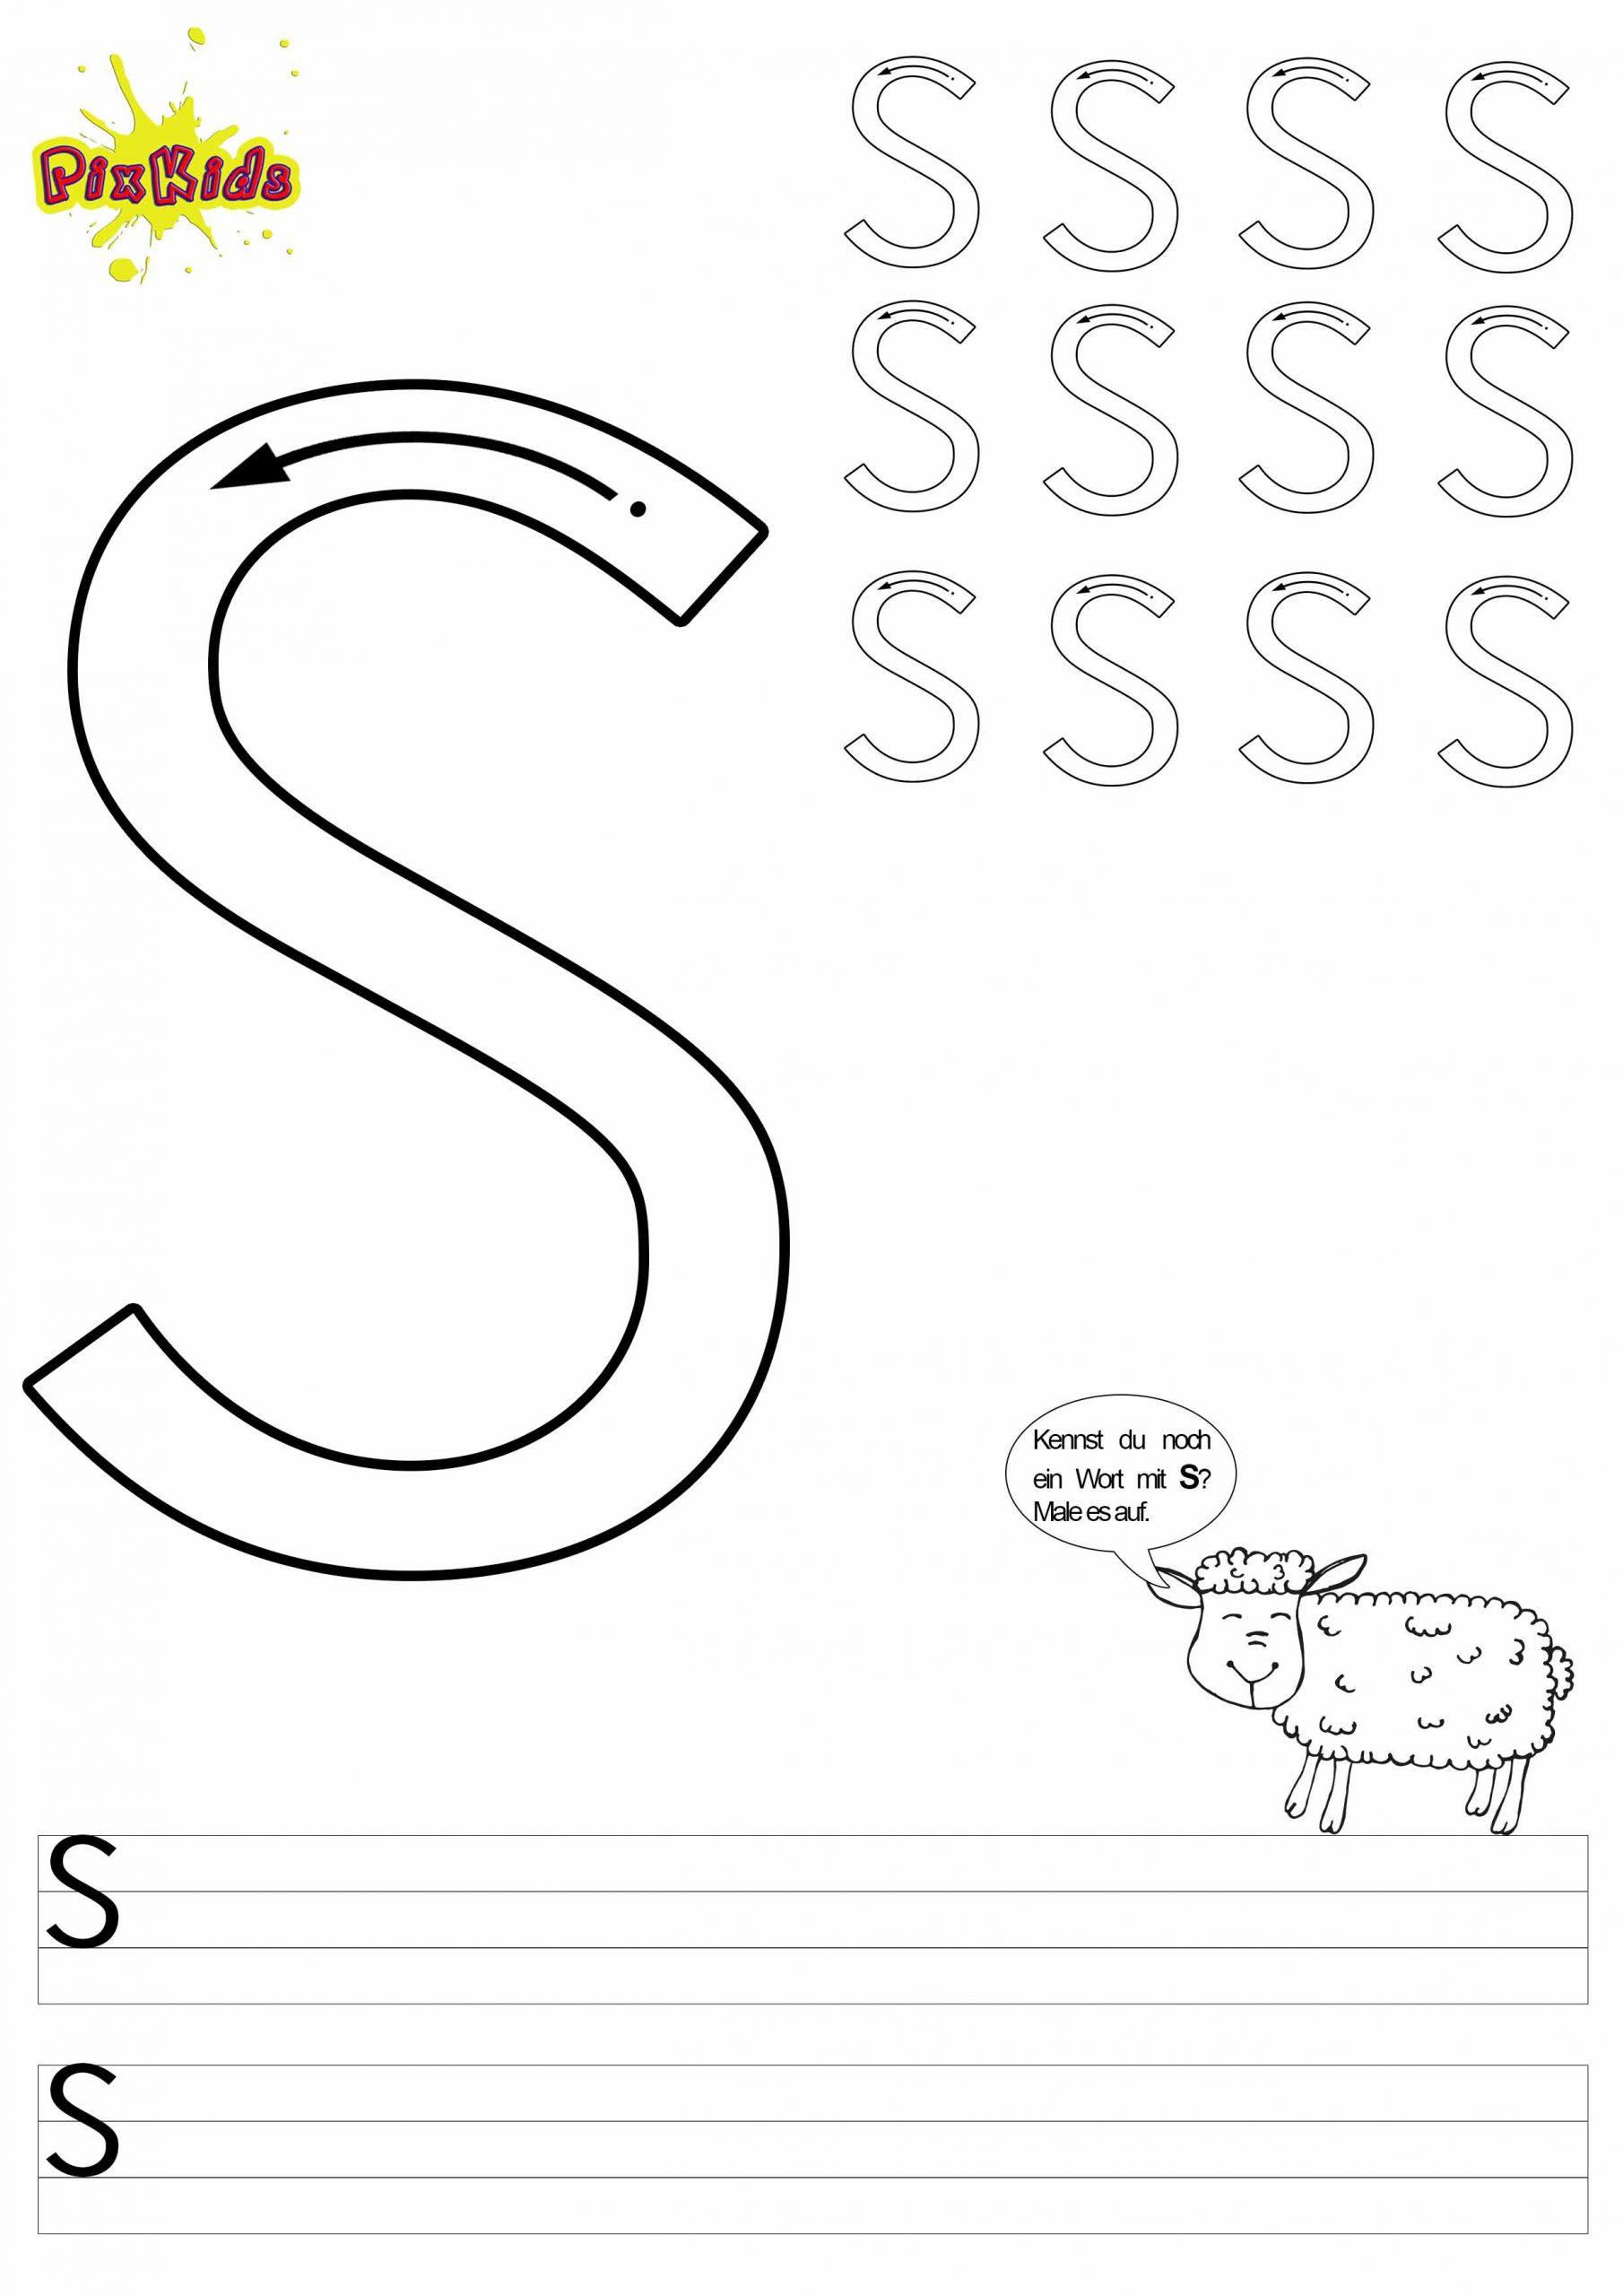 Buchstaben Schreiben Lernen Arbeitsblätter - Buchstaben Zum bestimmt für Buchstaben Schreiben Lernen Zum Ausdrucken